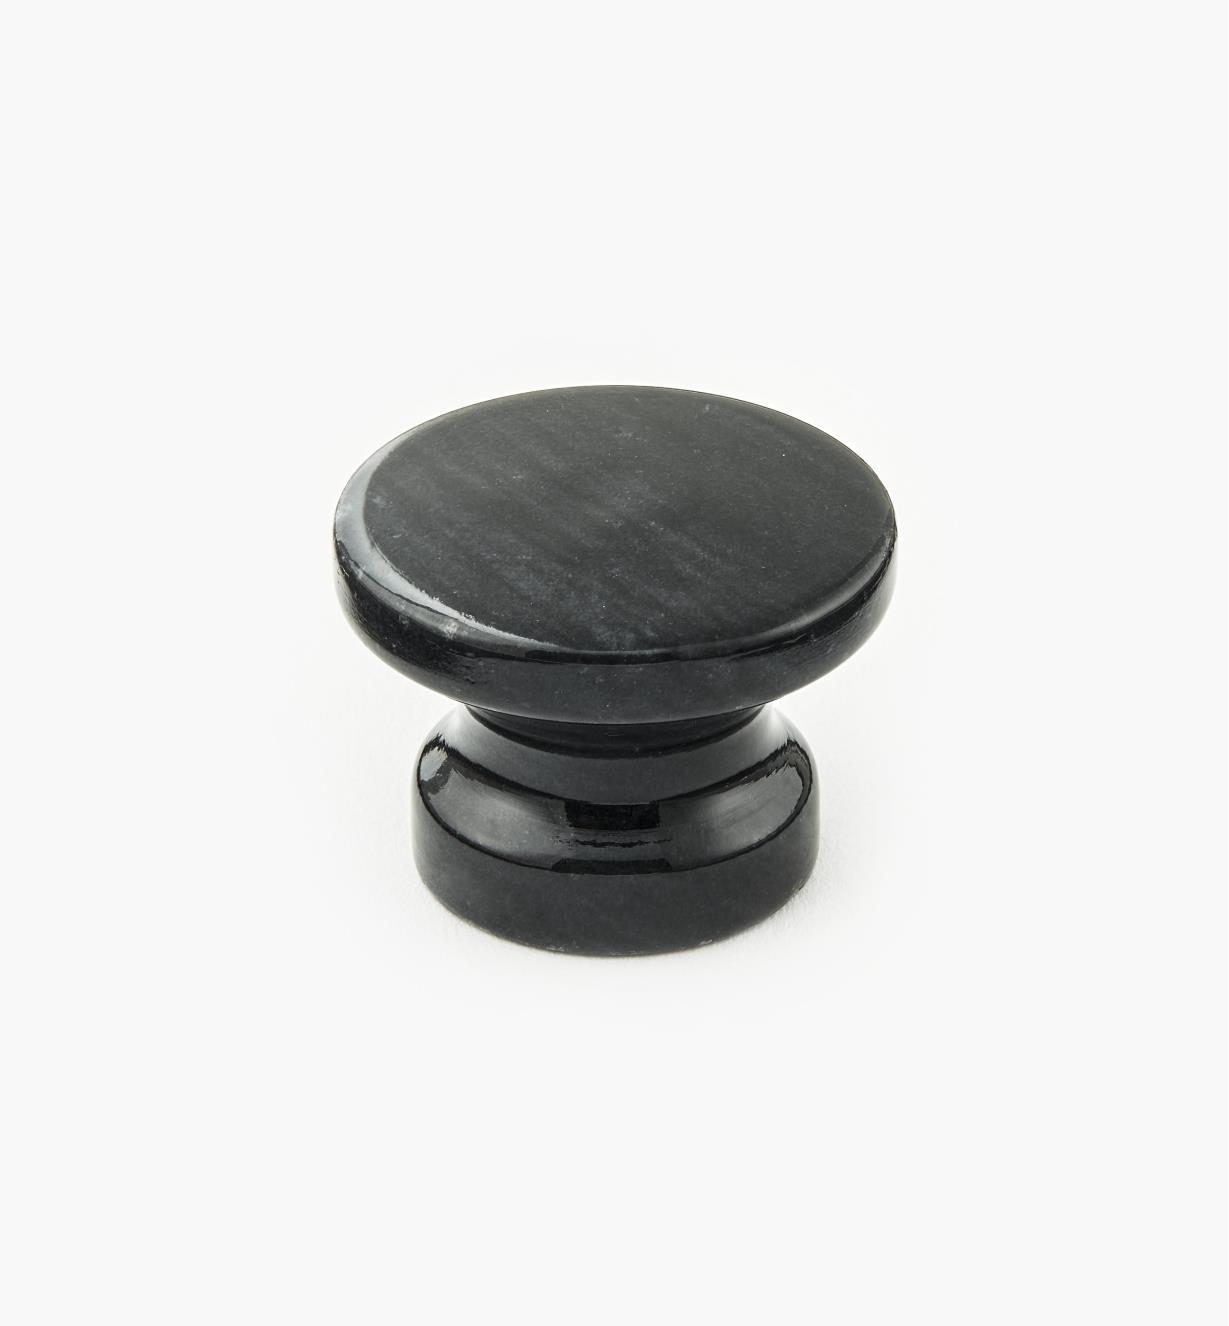 00W4023 - Bouton en marbre, noir, 34 mm x 25 mm